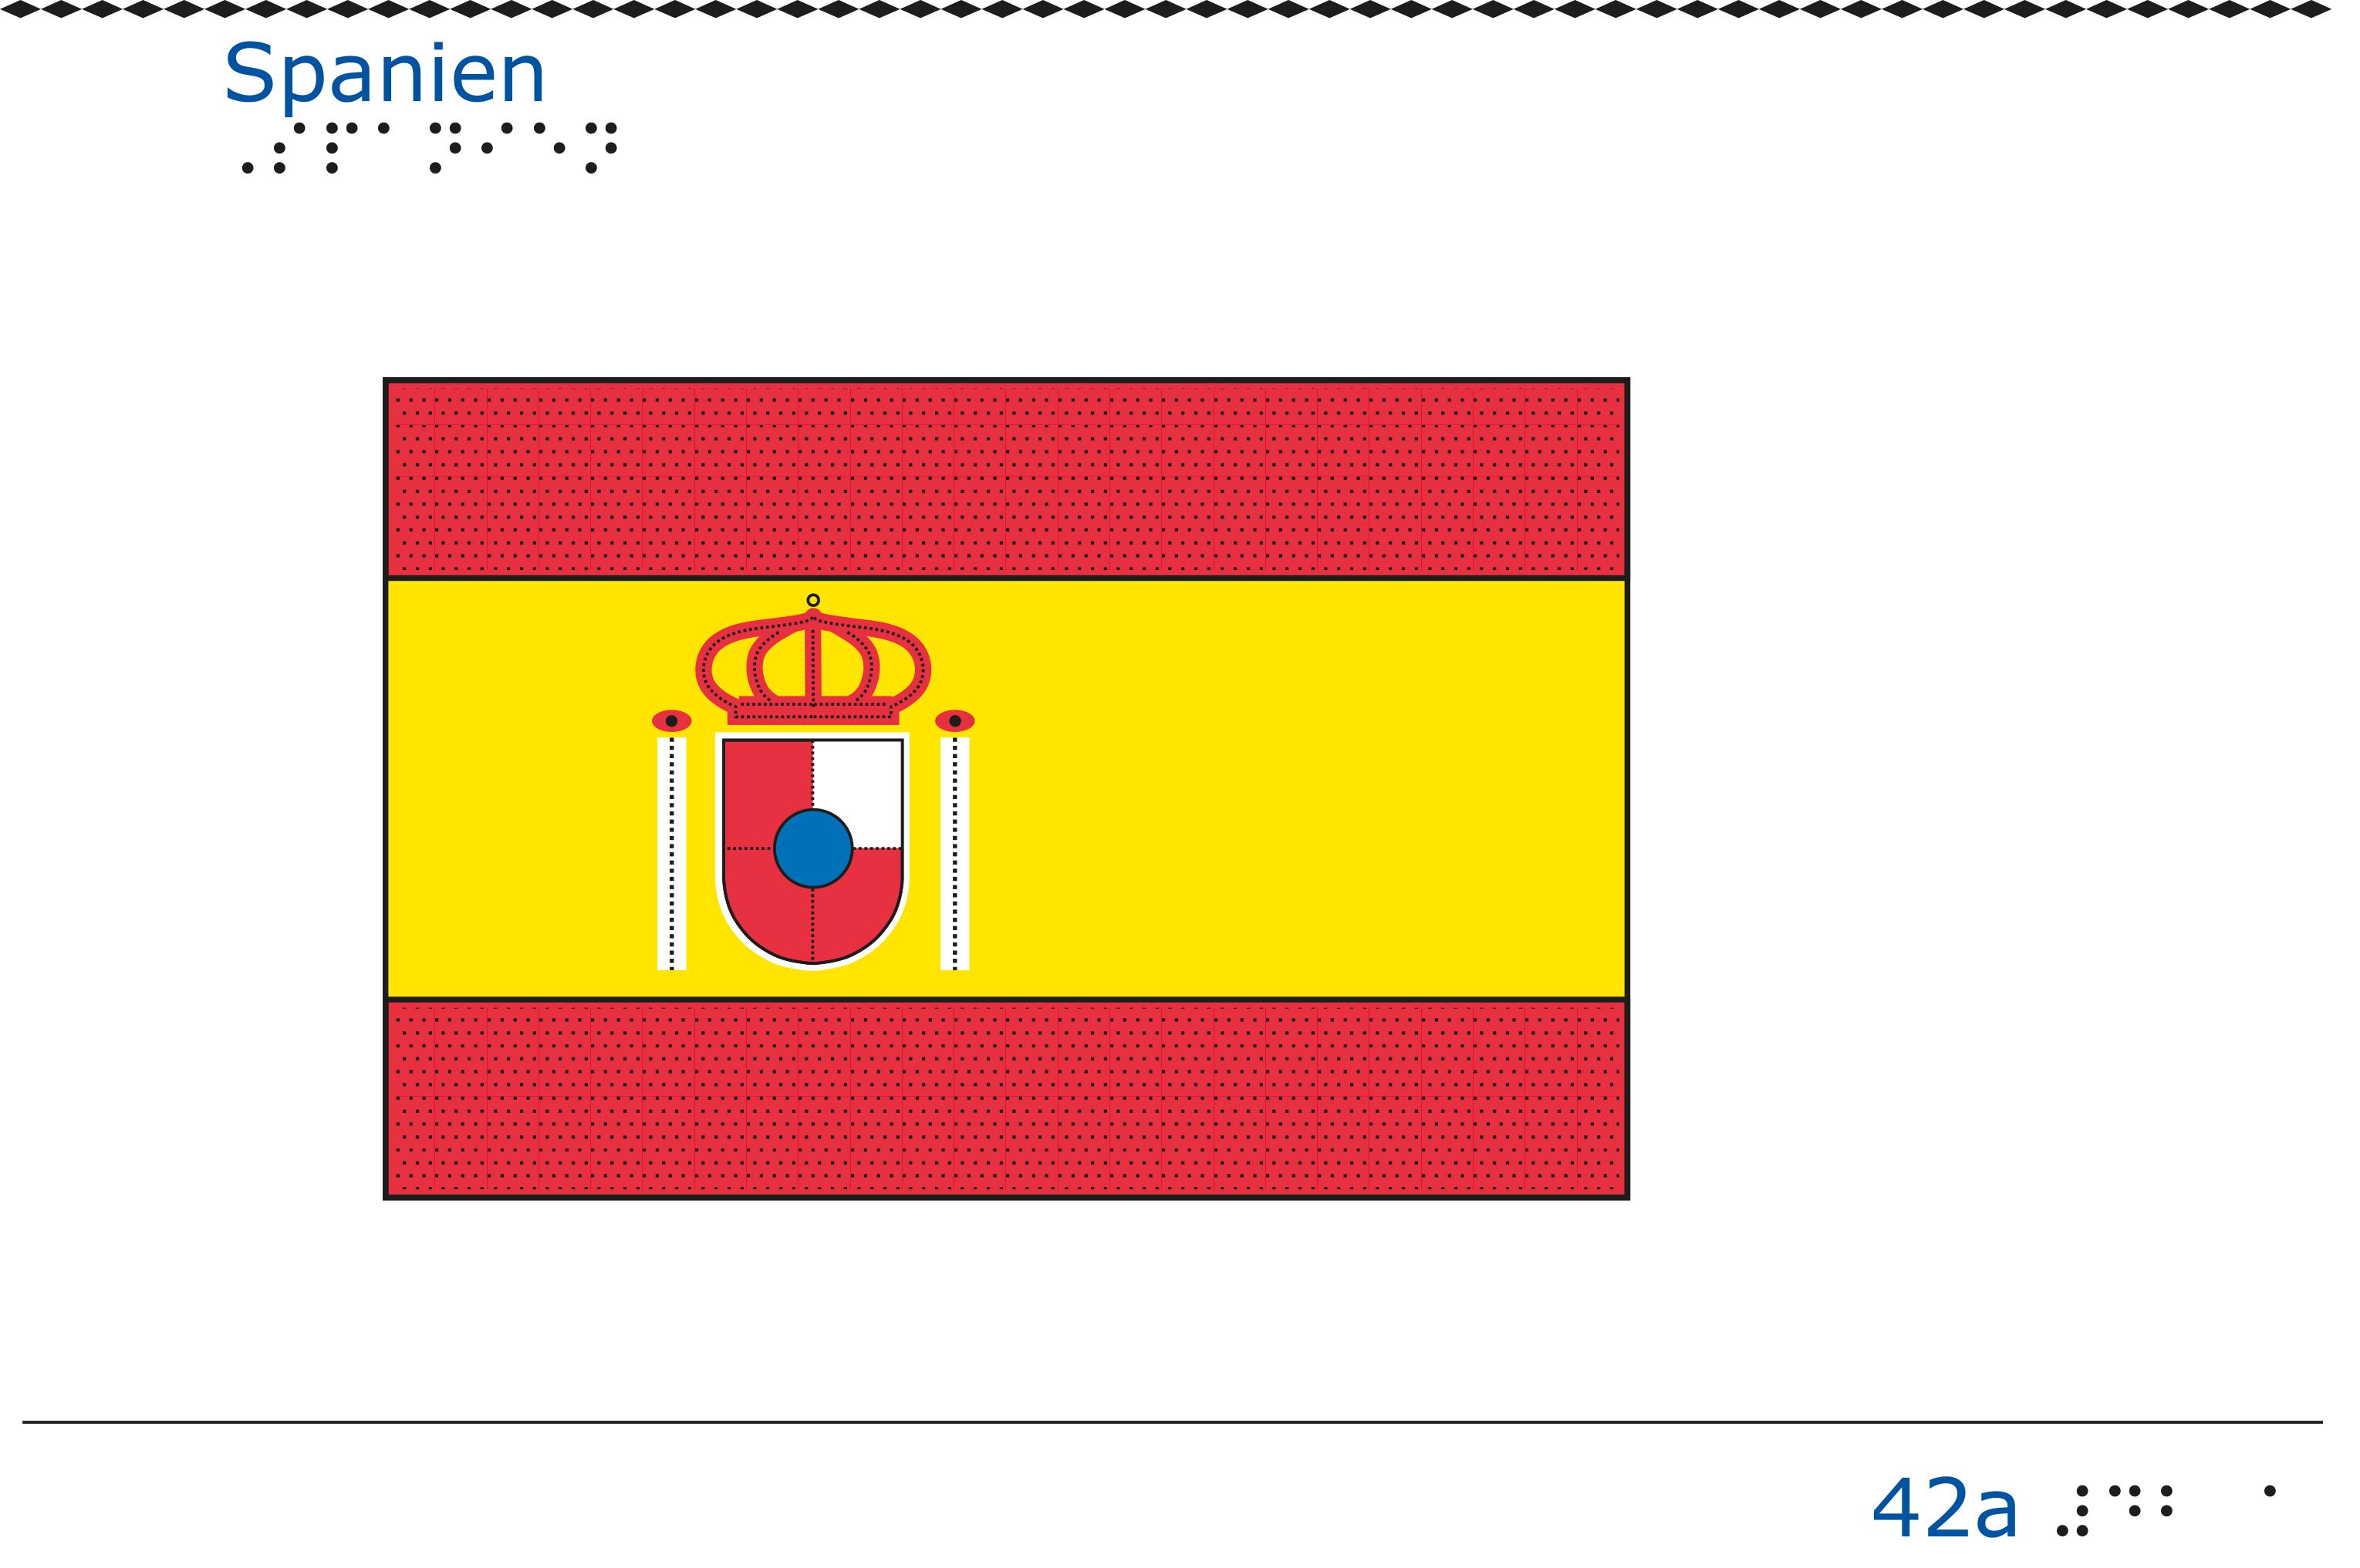 Taktil bild Spaniens flagga.